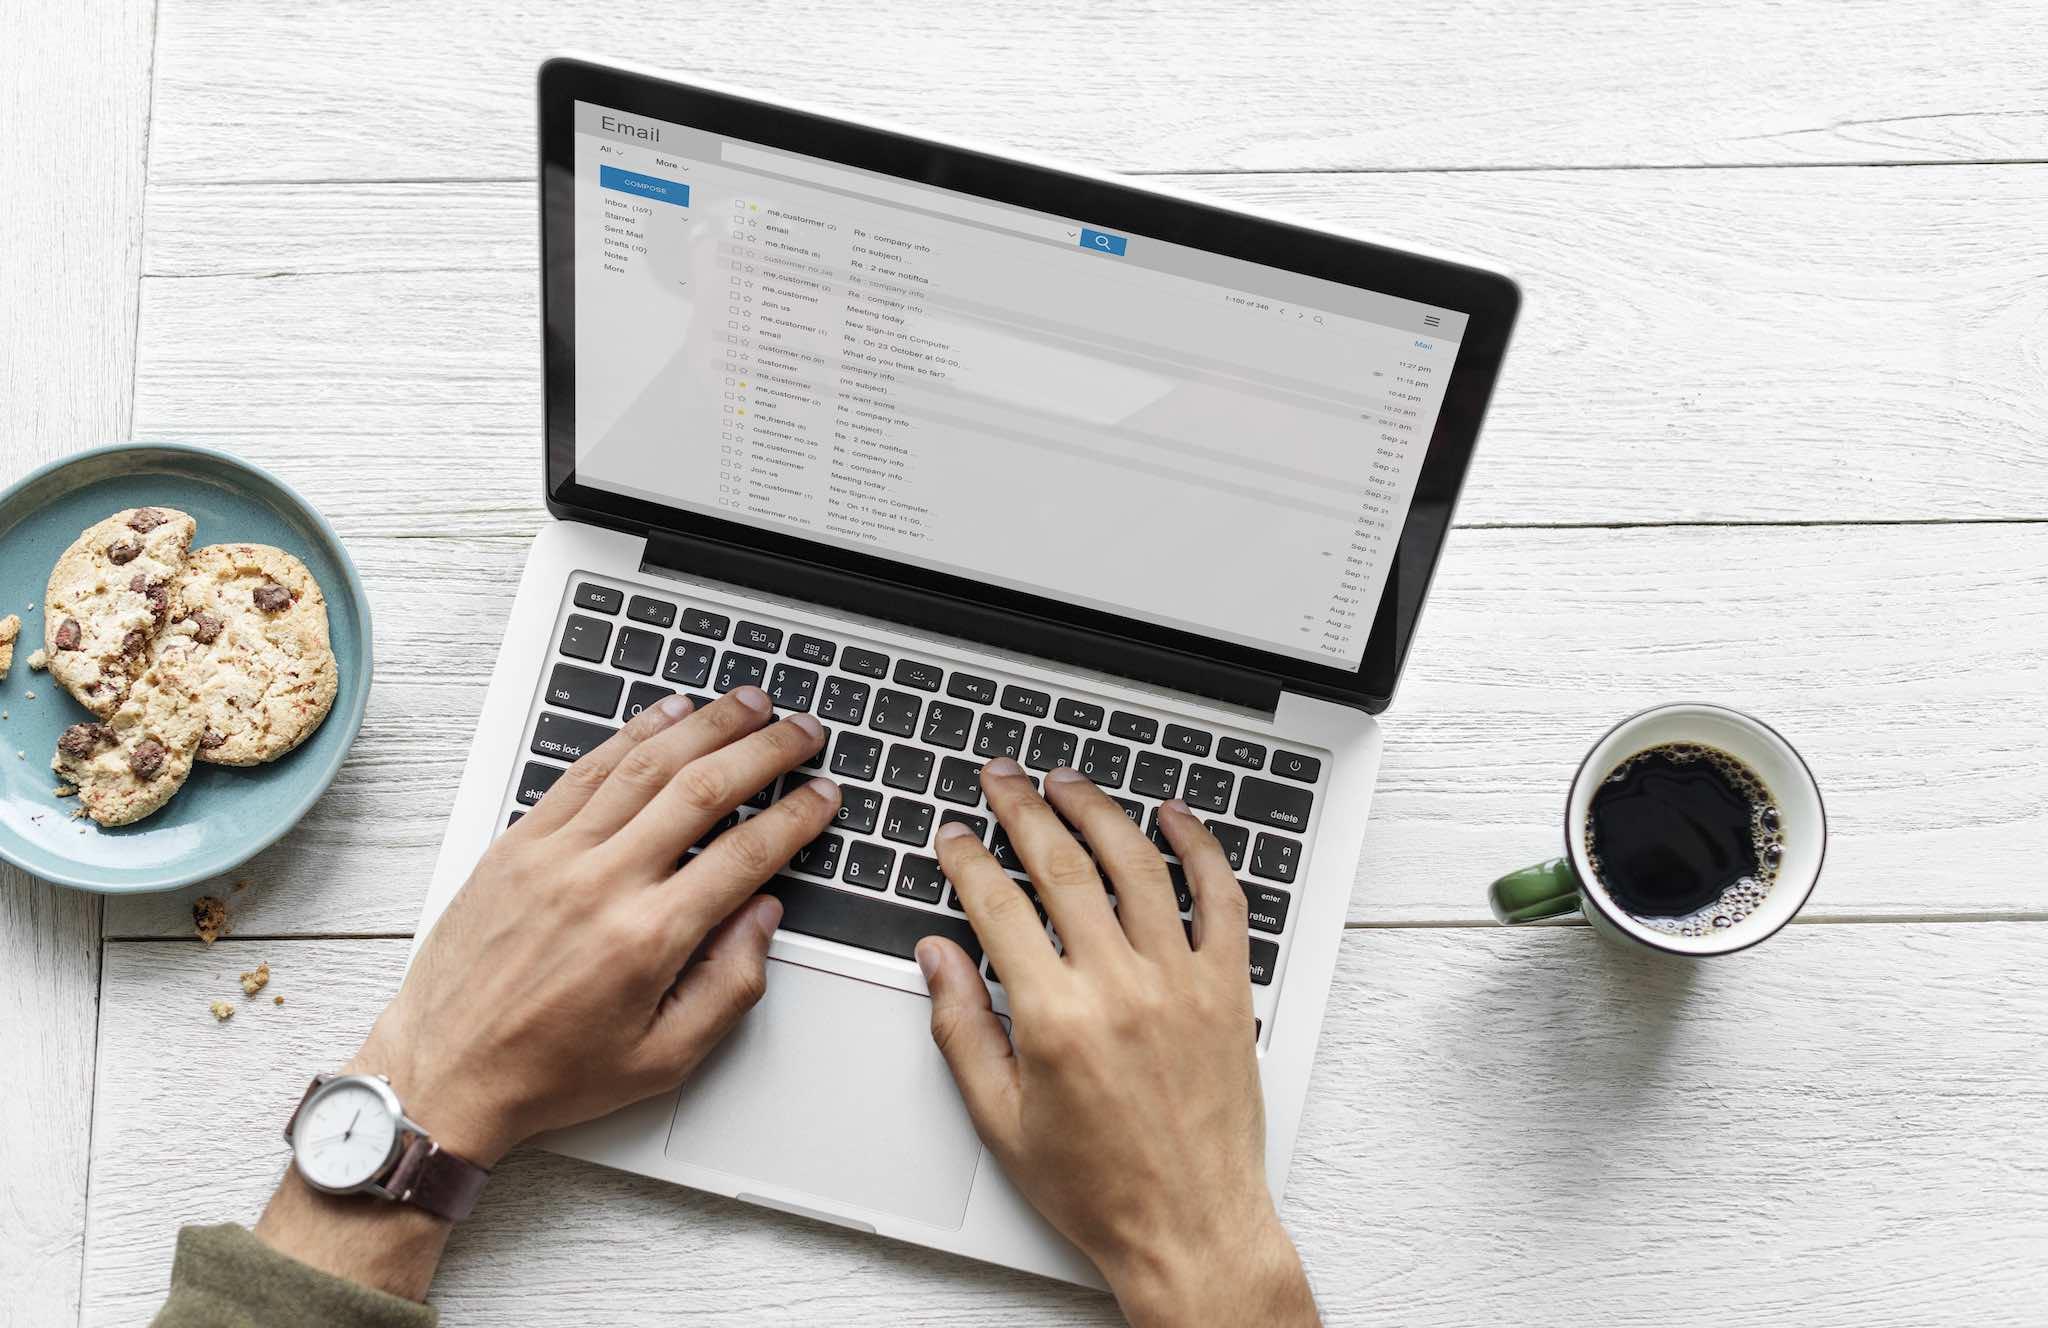 Необходимо е да настроите своята любима имейл програма, използвайки информацията на имейл сървъра, преди да може да я ползвате пълноценно.